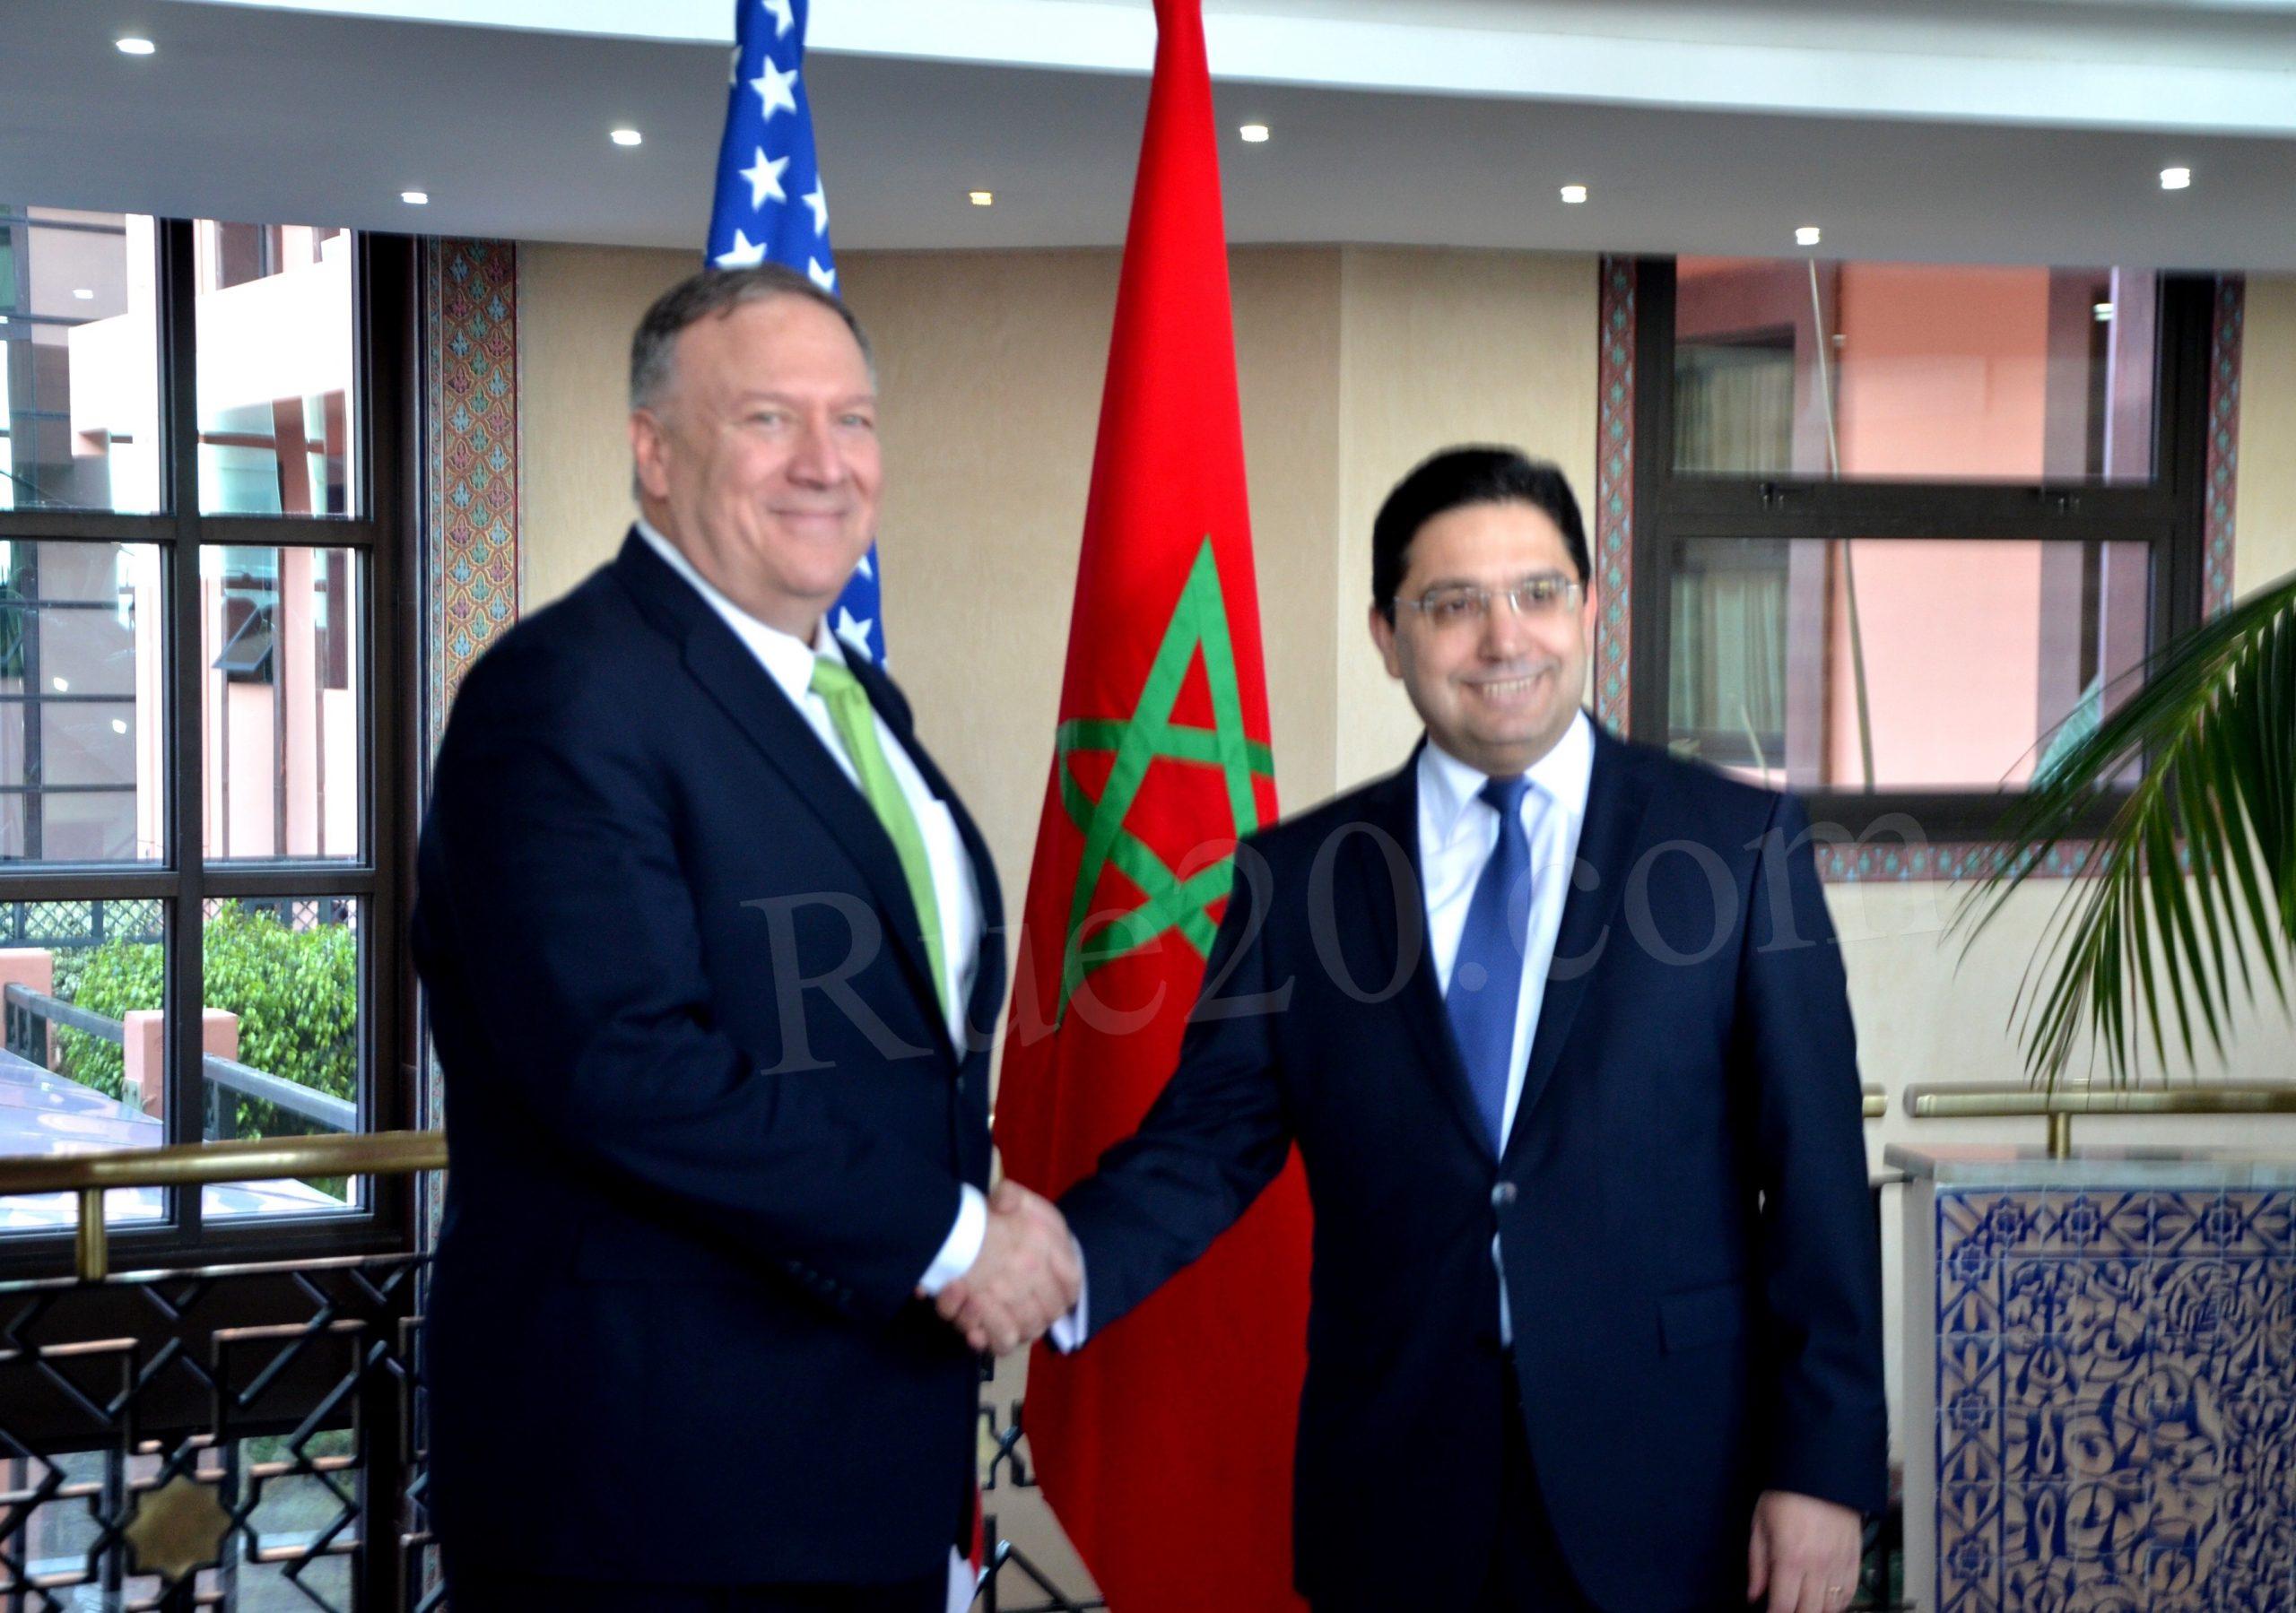 واشنطن تُكافئ ريادة المغرب قارياً بإحتضان قمة الأعمال الأمريكية-الأفريقية وإجتماع مؤتمر وارسُو حول الإرهاب